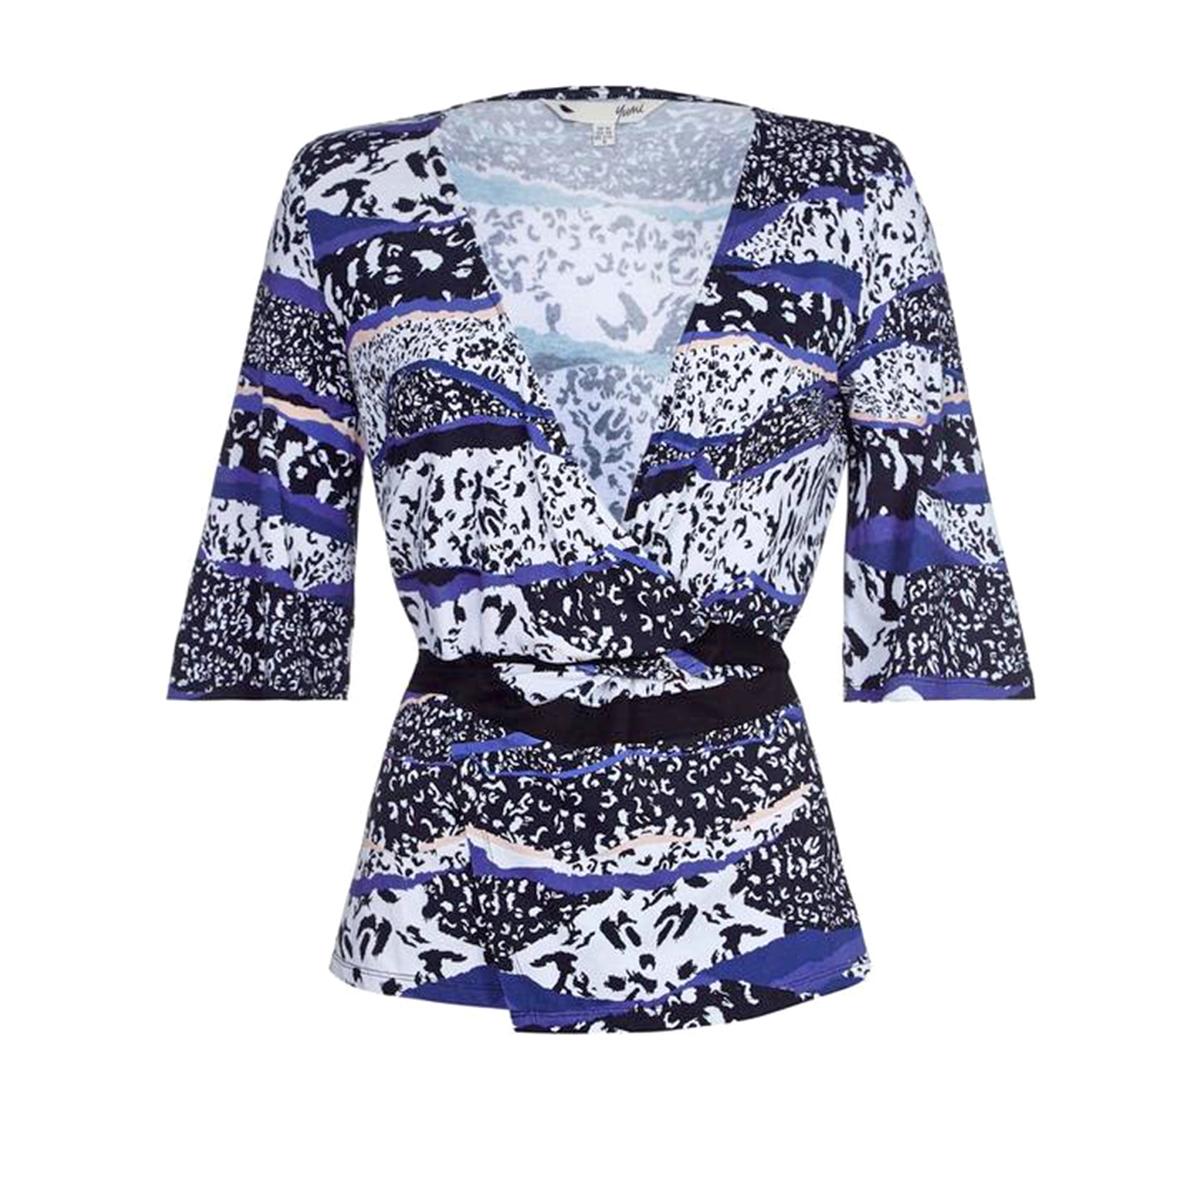 Блузка перекрестного покроя с принтом, рукава 3/4Детали  •  Рукава 3/4  •   V-образный вырез   •  Рисунок-принт Состав и уход  •  95% вискозы, 5% эластана • Просьба следовать советам по уходу, указанным на этикетке изделия<br><br>Цвет: рисунок темно-синий